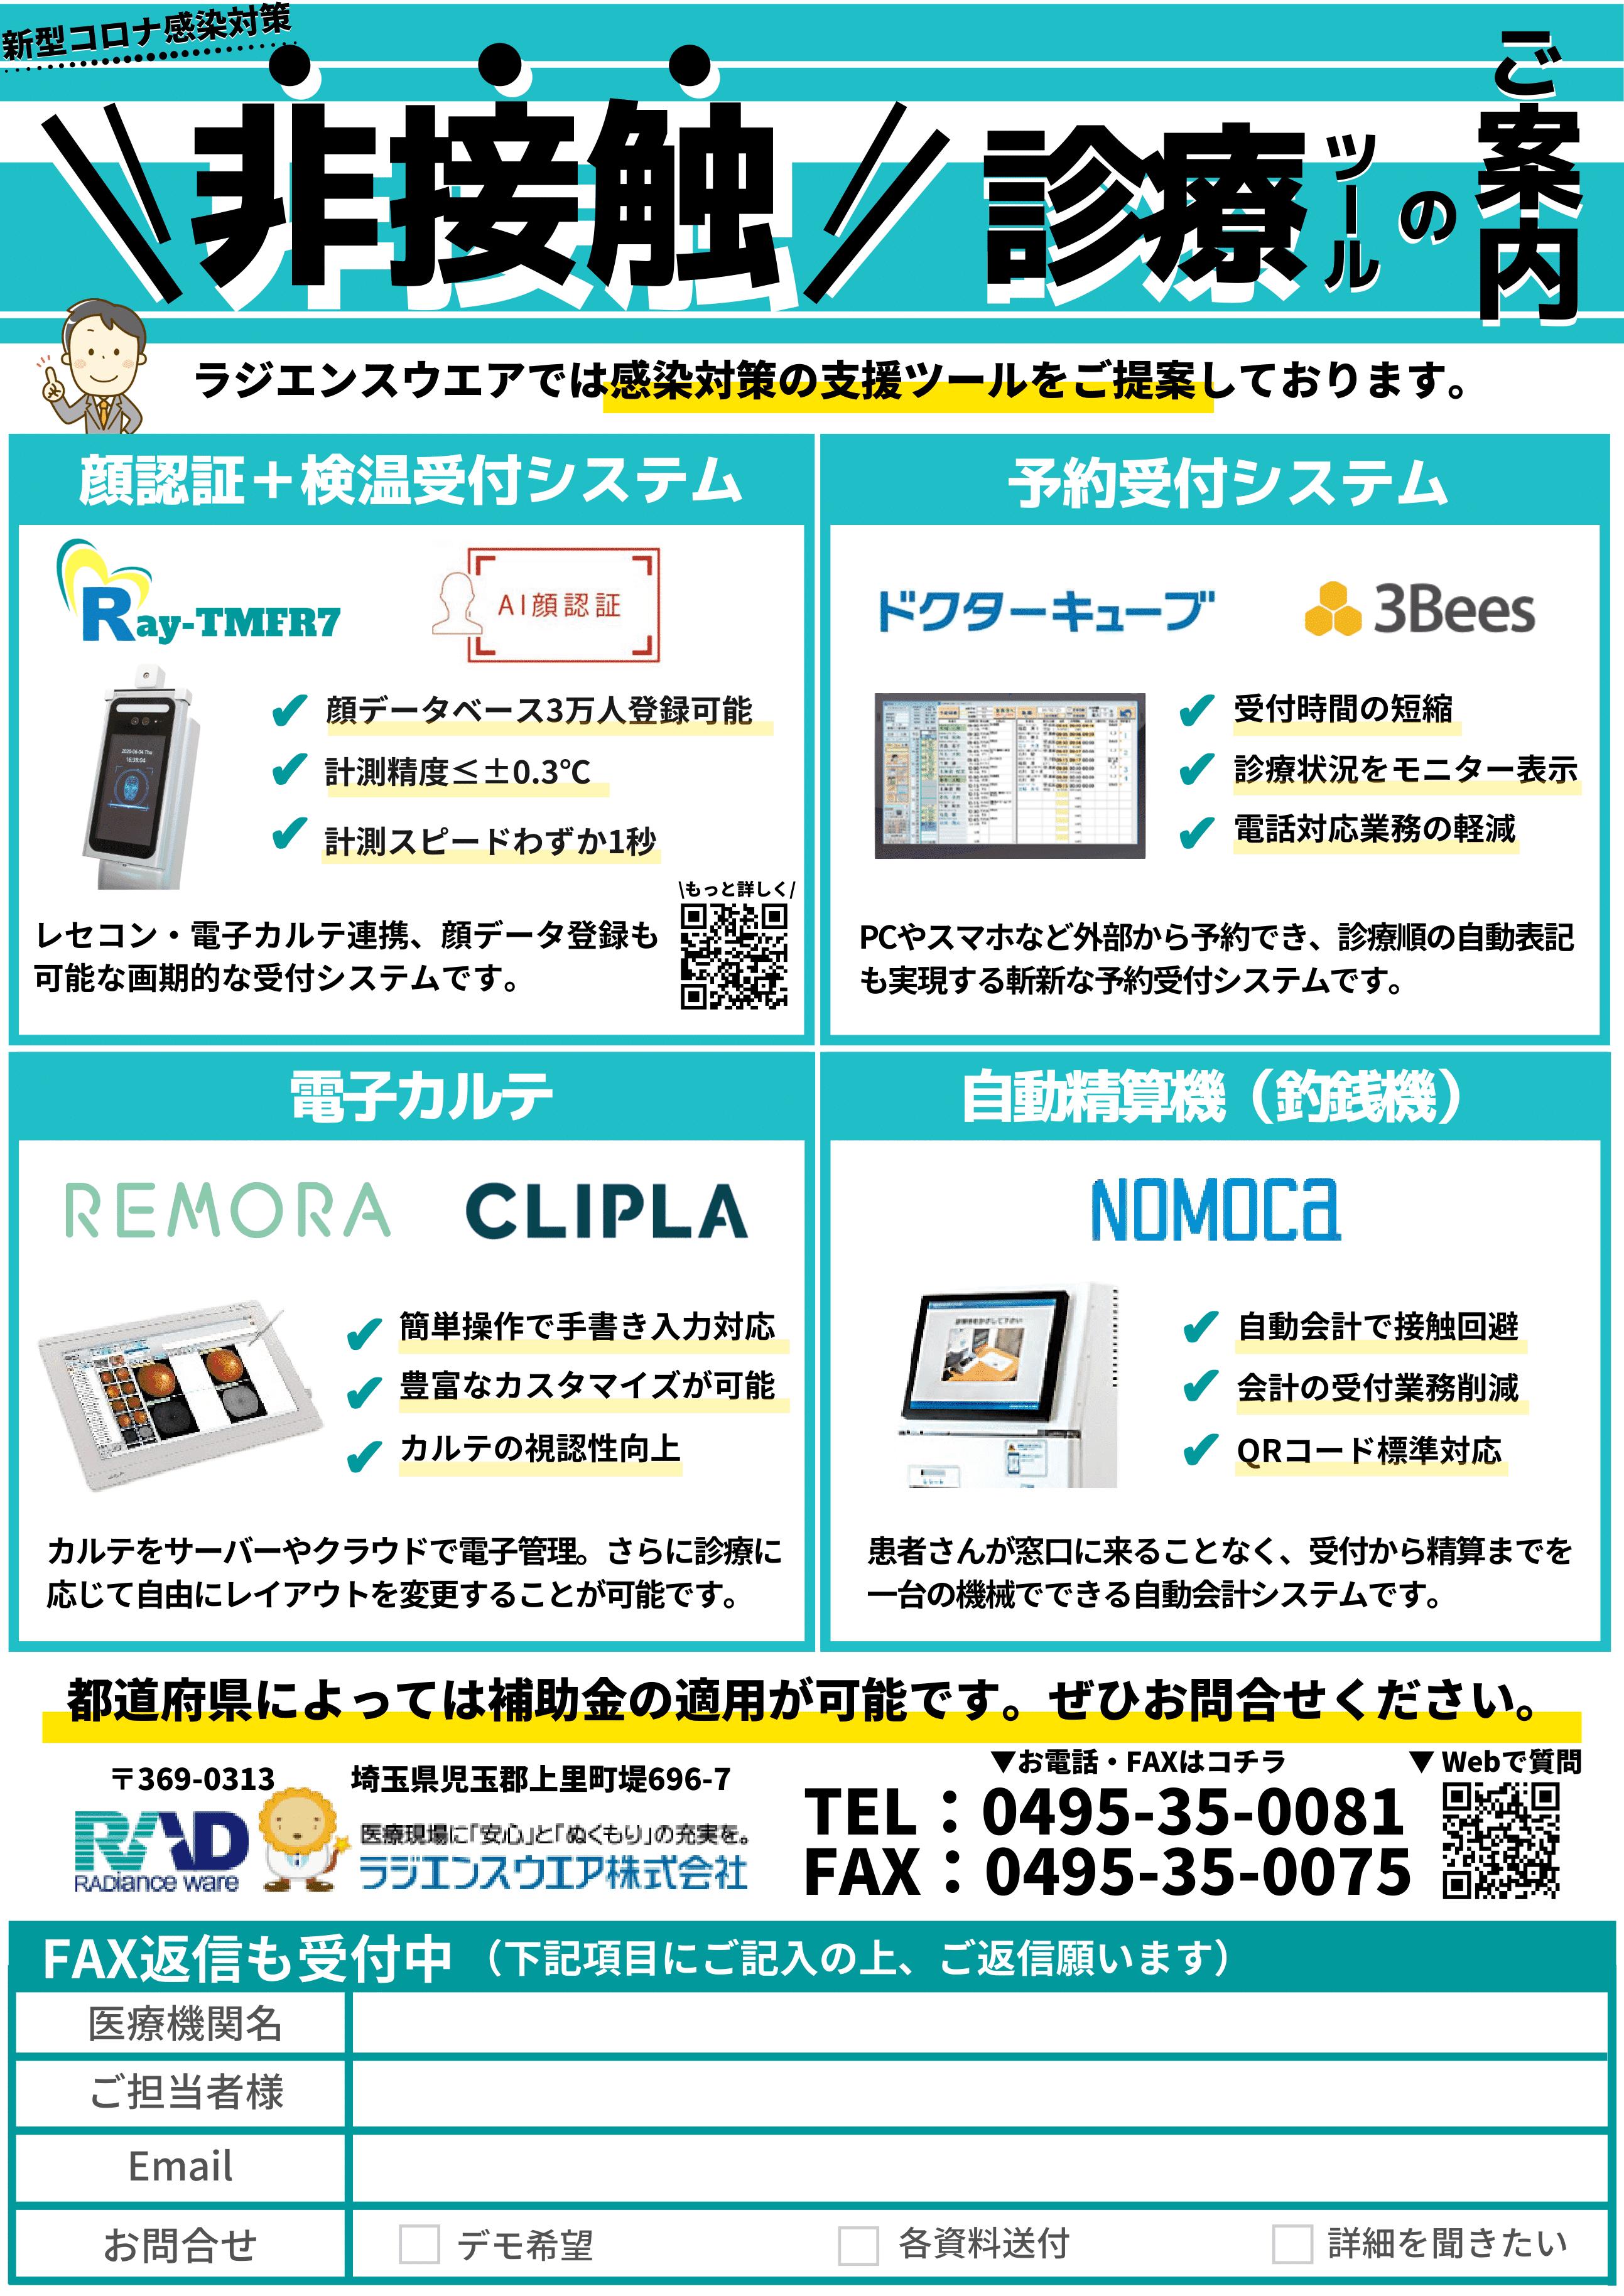 hisesshoku_tool